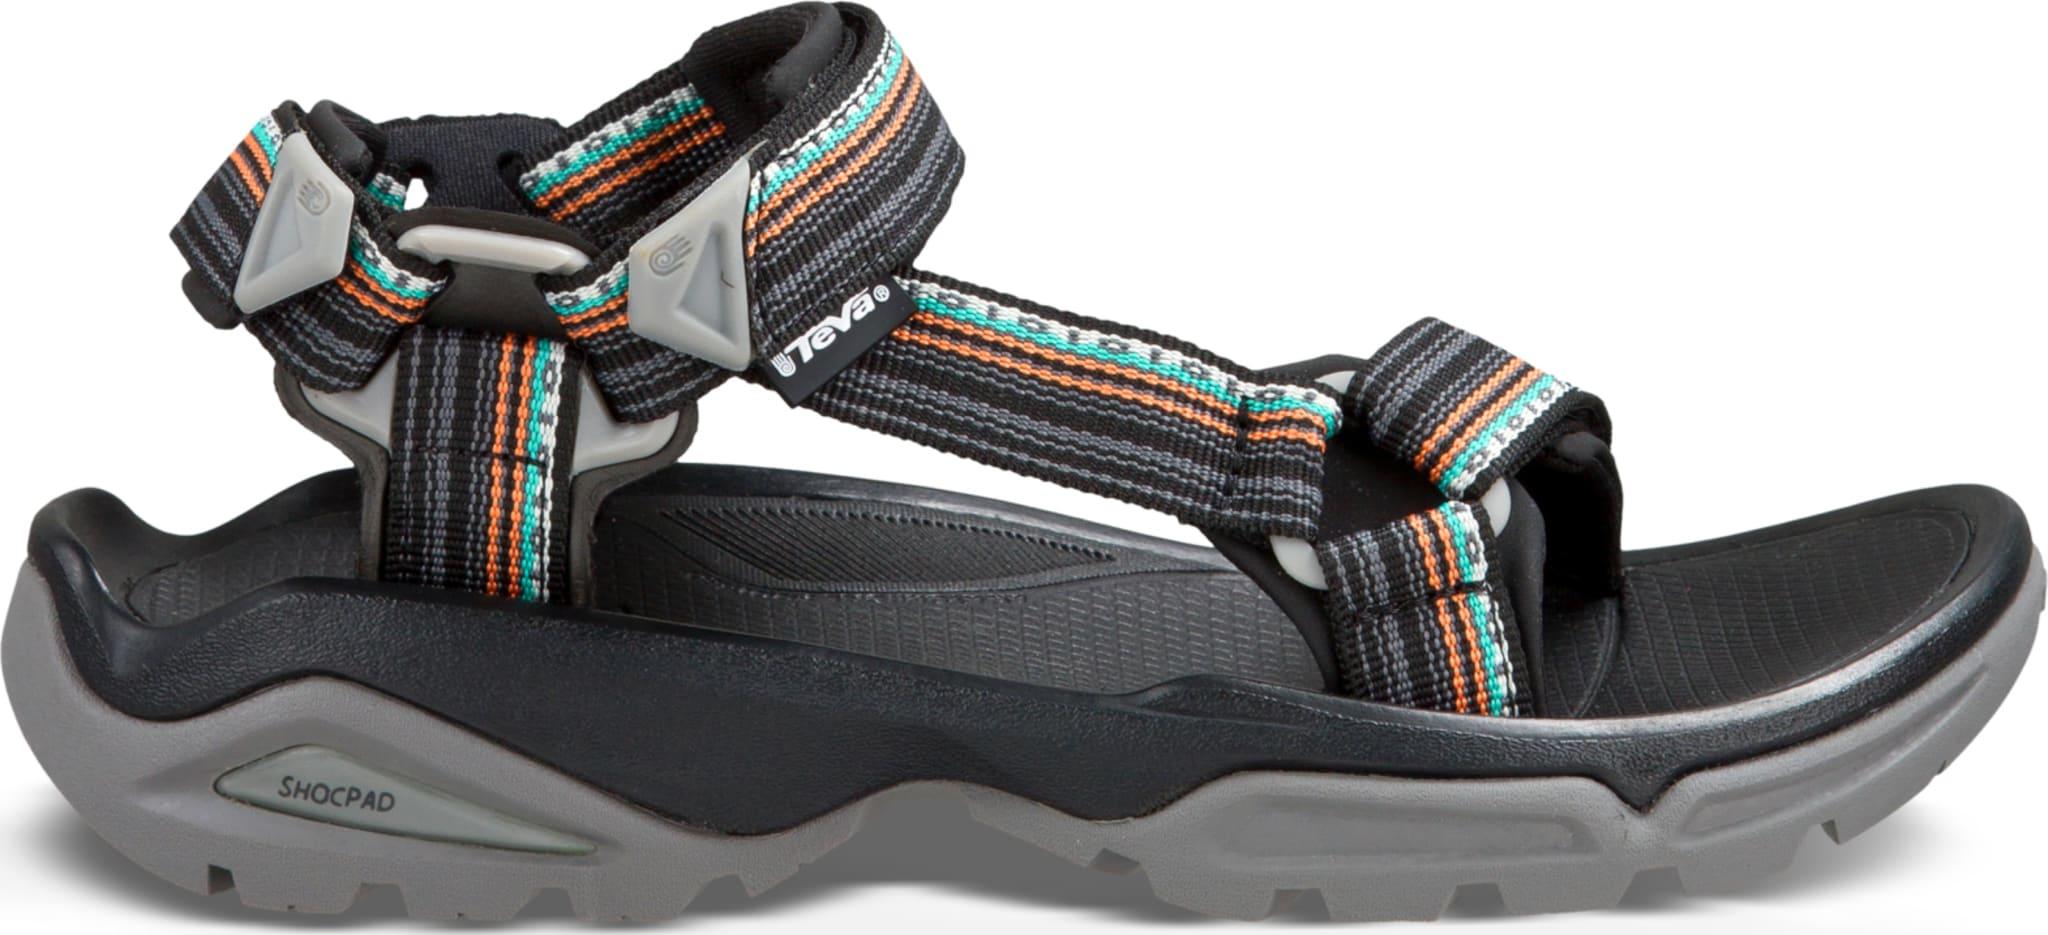 Kraftig sandal til lange dager på reise eller i terrenget